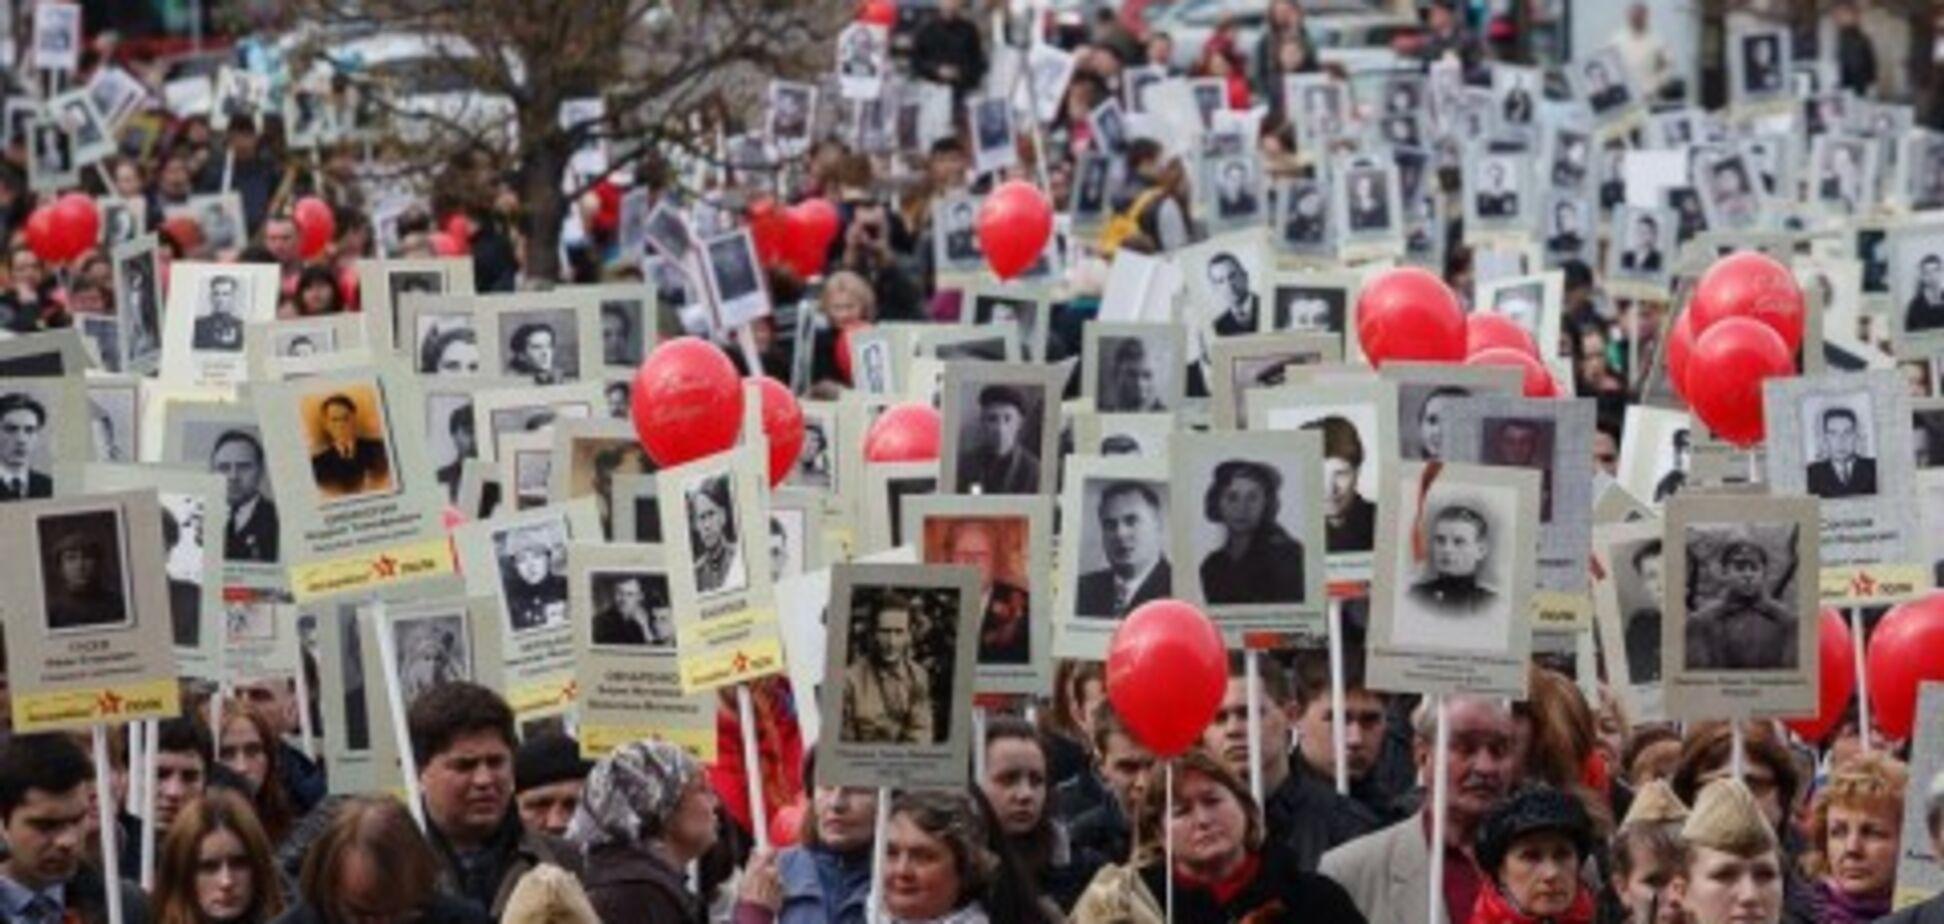 'Бессмертный полк' в Киеве: любителям 'георгиевских лент' сделали предупреждение